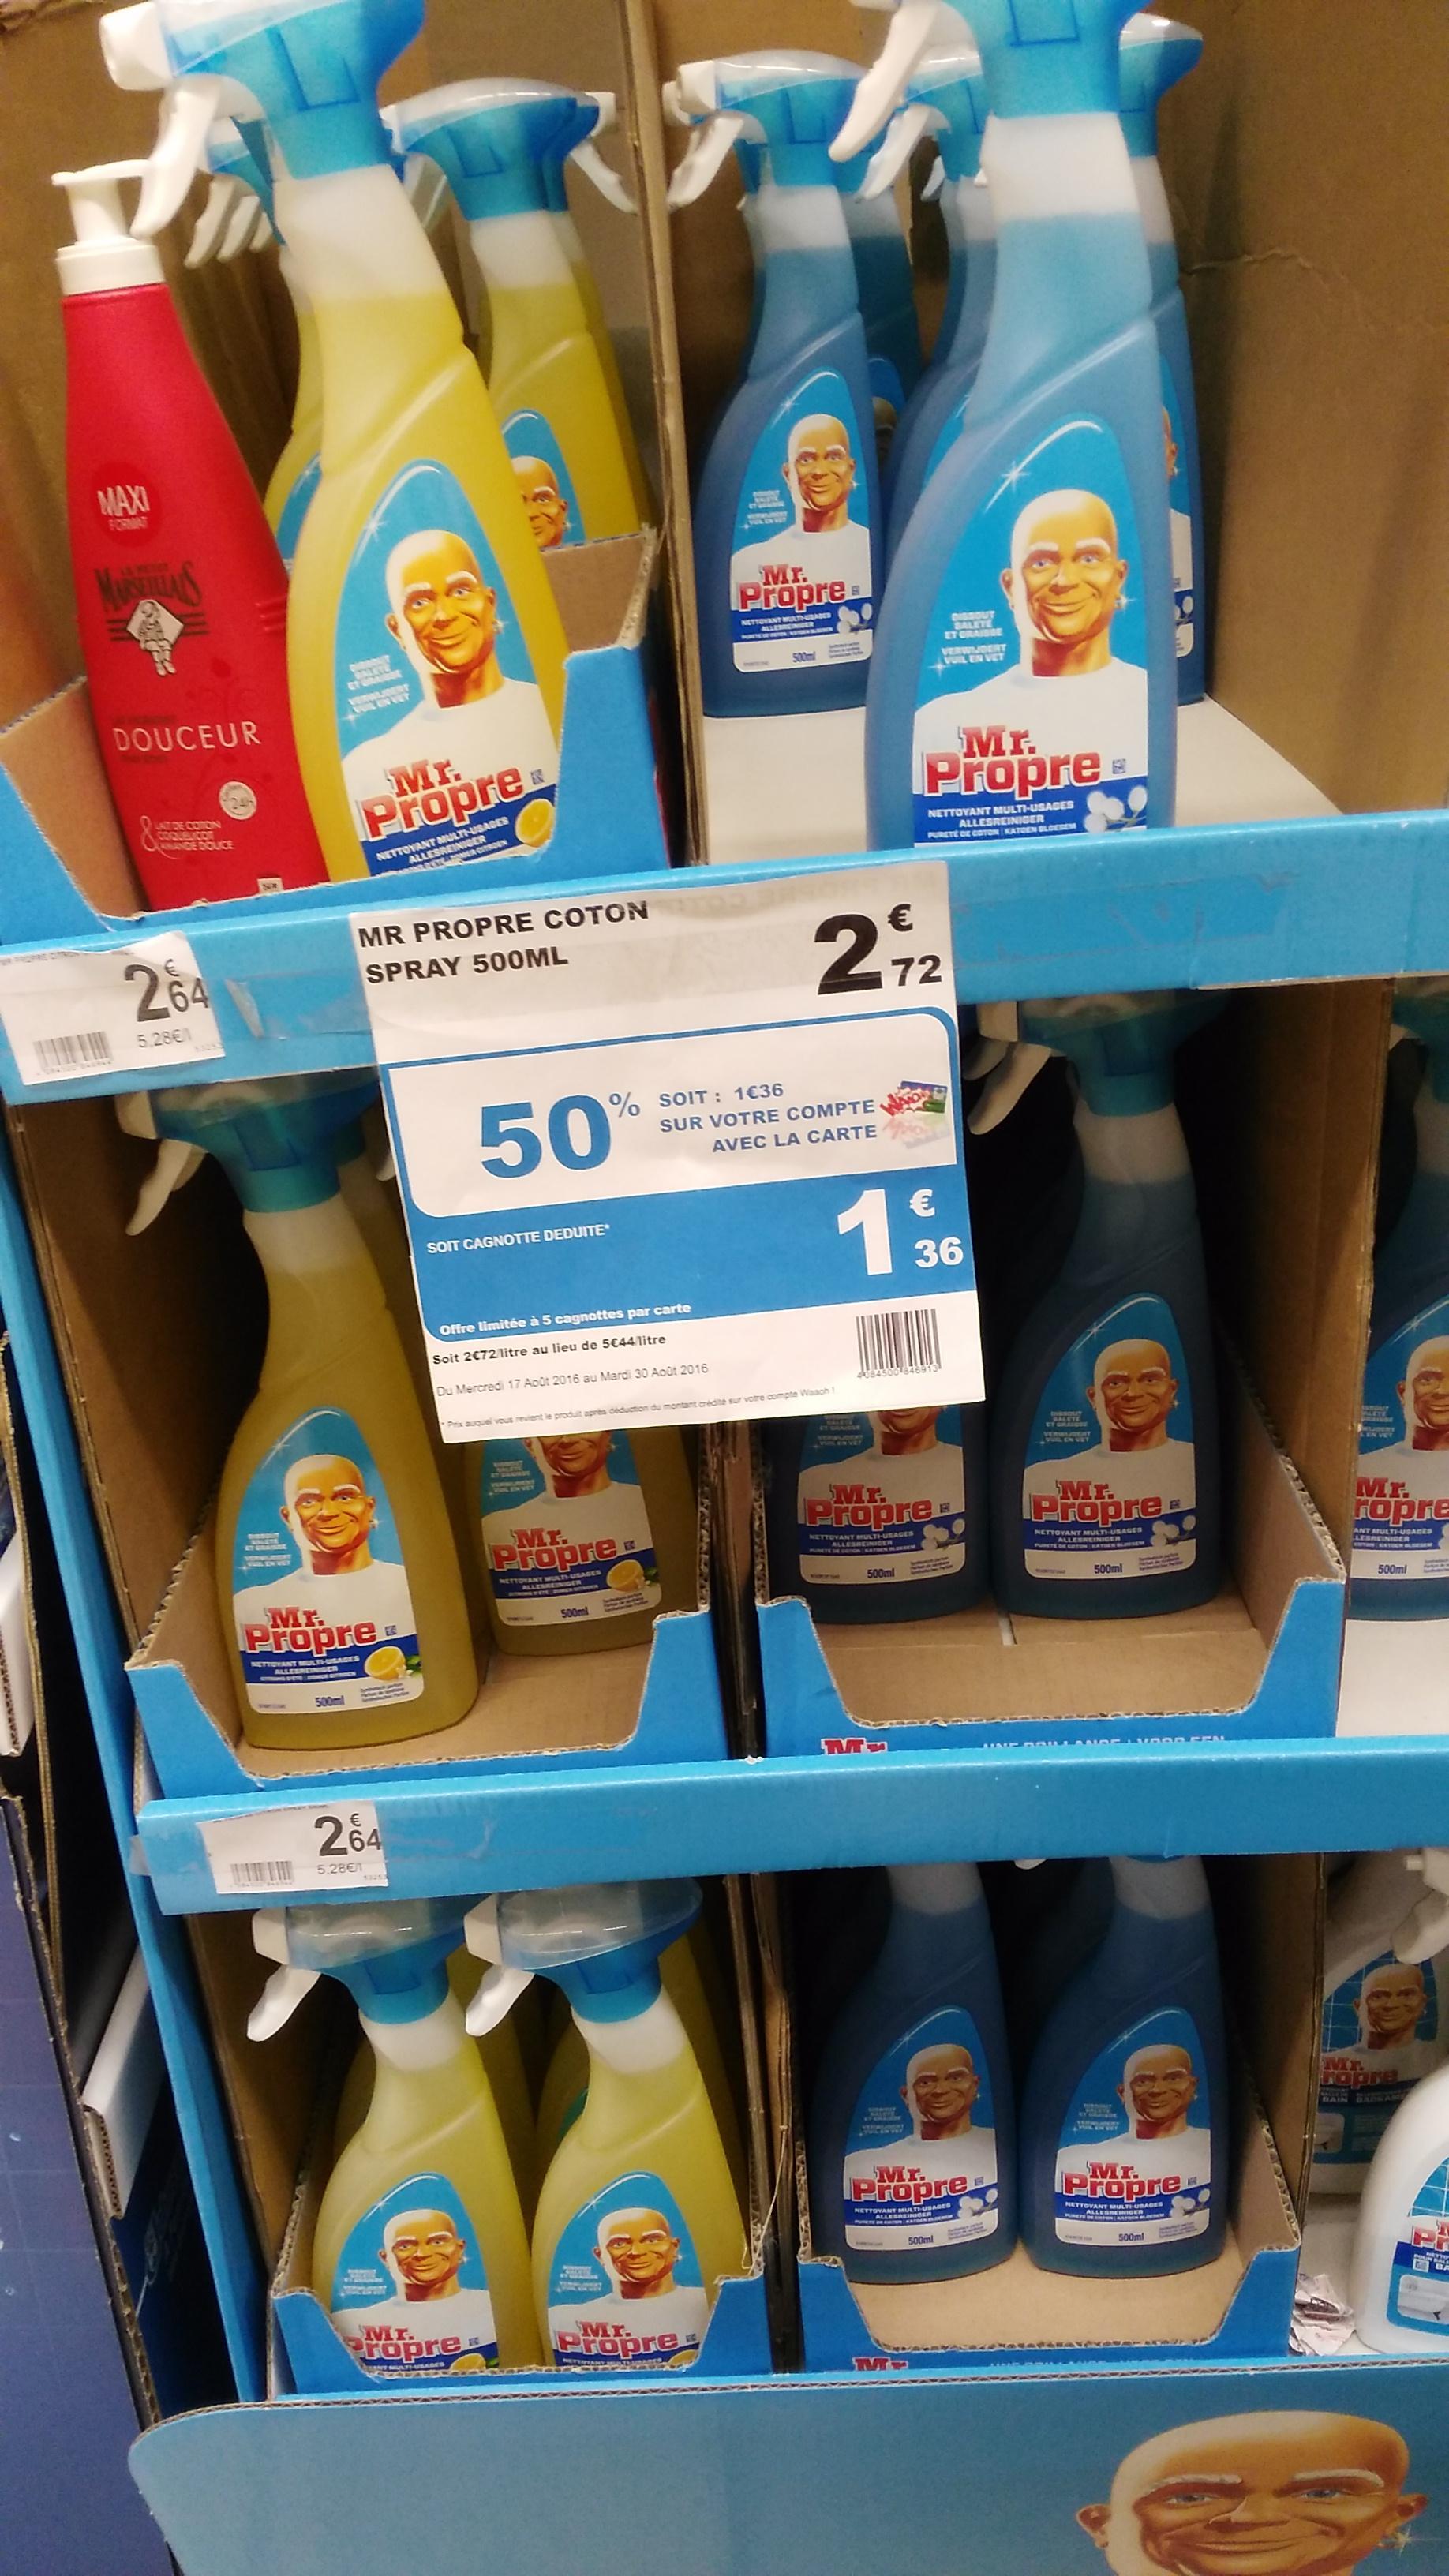 Nettoyant en spray Mr. Propre Coton - 500 ml (via 1.36€ sur la carte de fidélité + BDR)